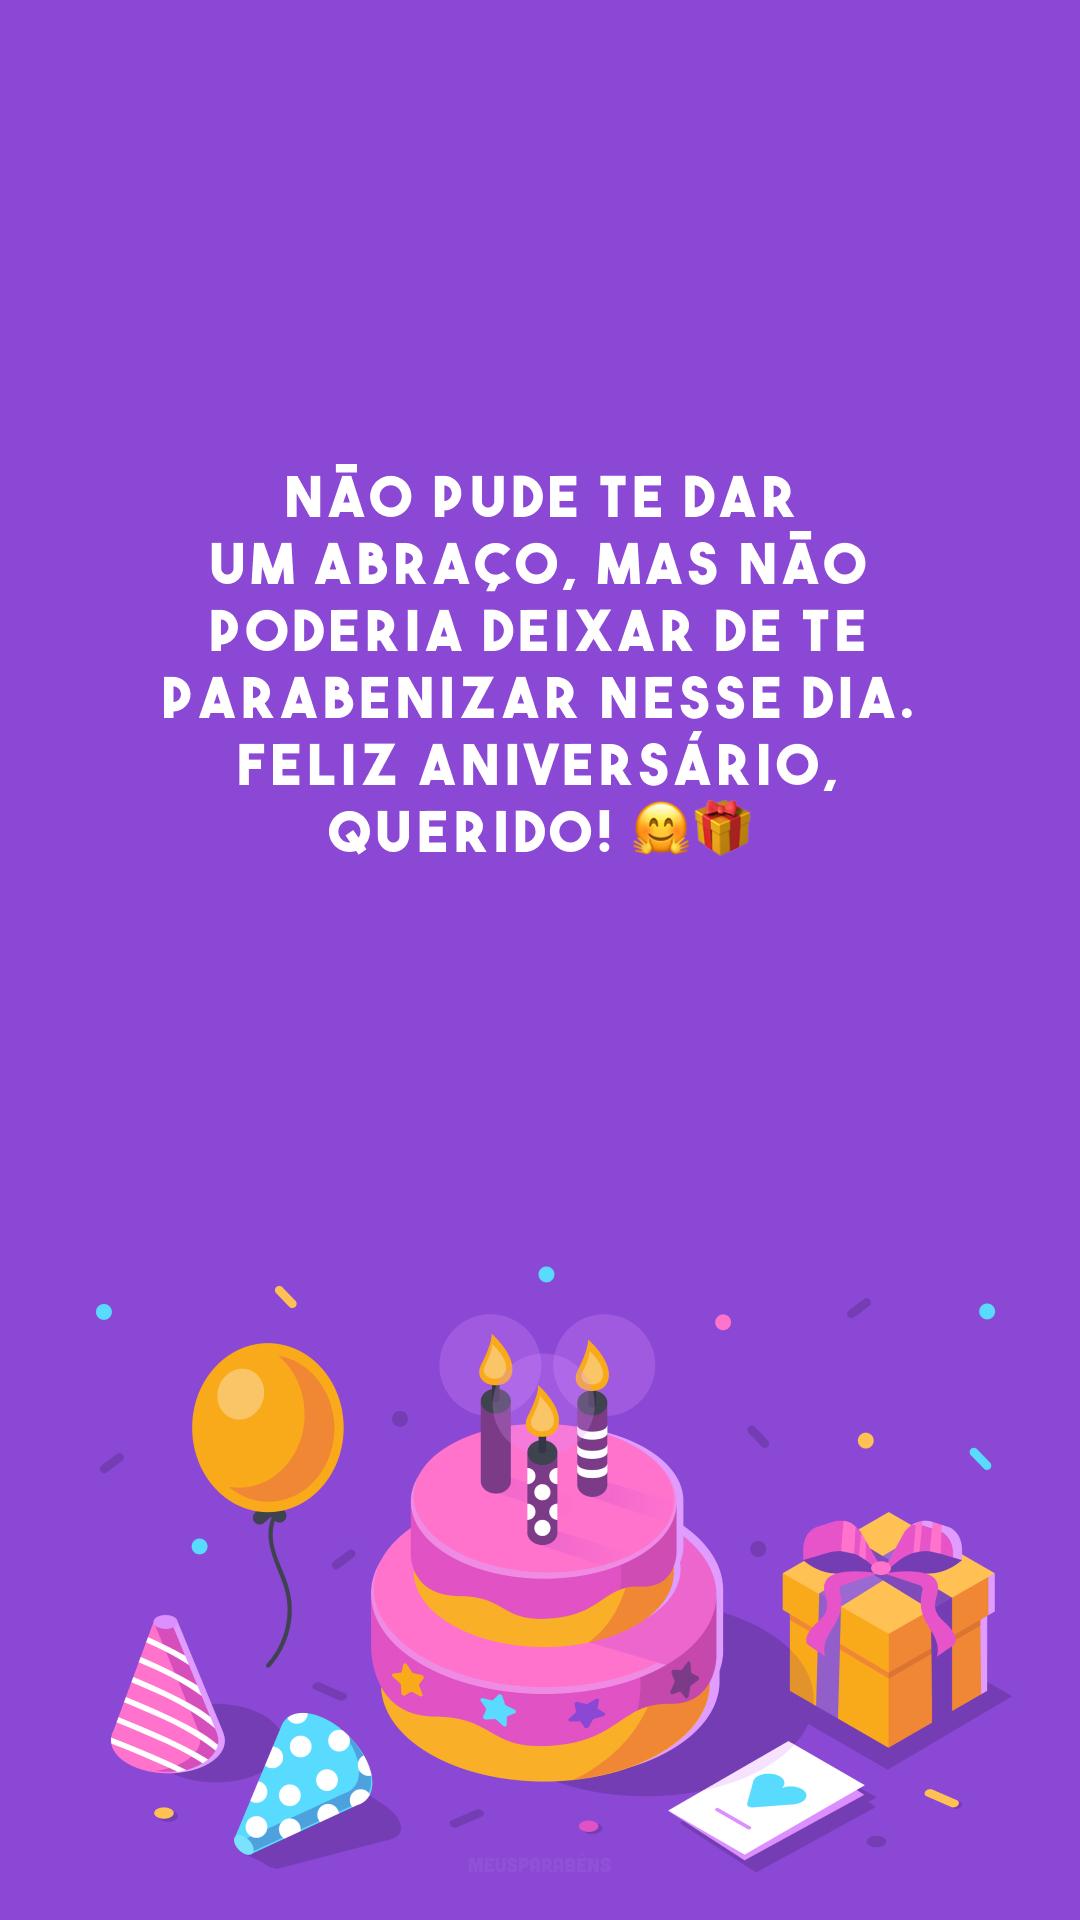 Não pude te dar um abraço, mas não poderia deixar de te parabenizar nesse dia. Feliz aniversário, querido! 🤗🎁